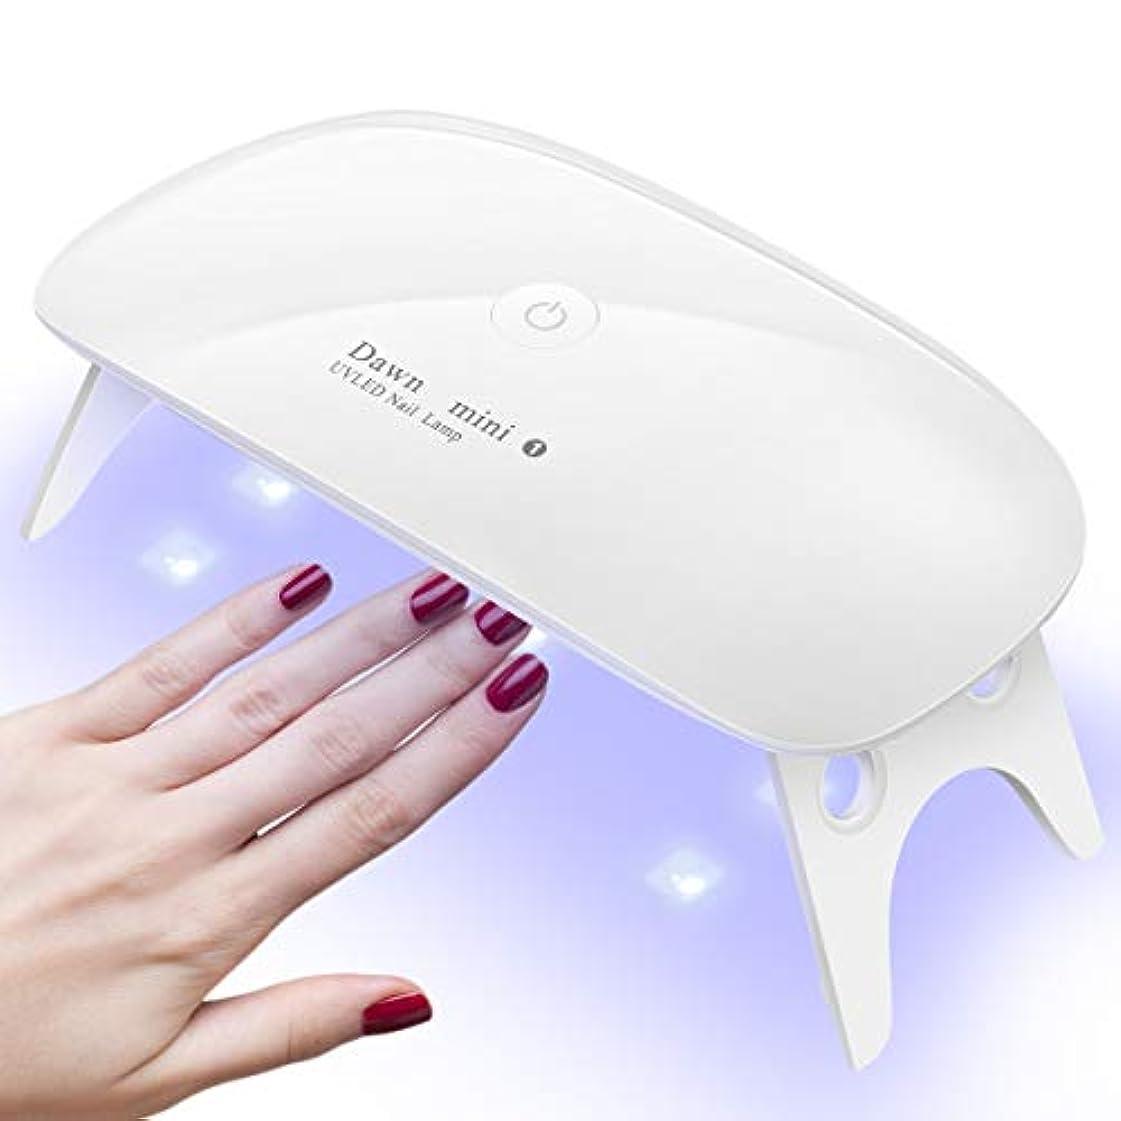 啓示任命する戸棚LEDネイルドライヤー UVライト レジン用 硬化ライト タイマー設定可能 折りたたみ式手足とも使える UV と LEDダブルライト ジェルネイル と レジンクラフト用